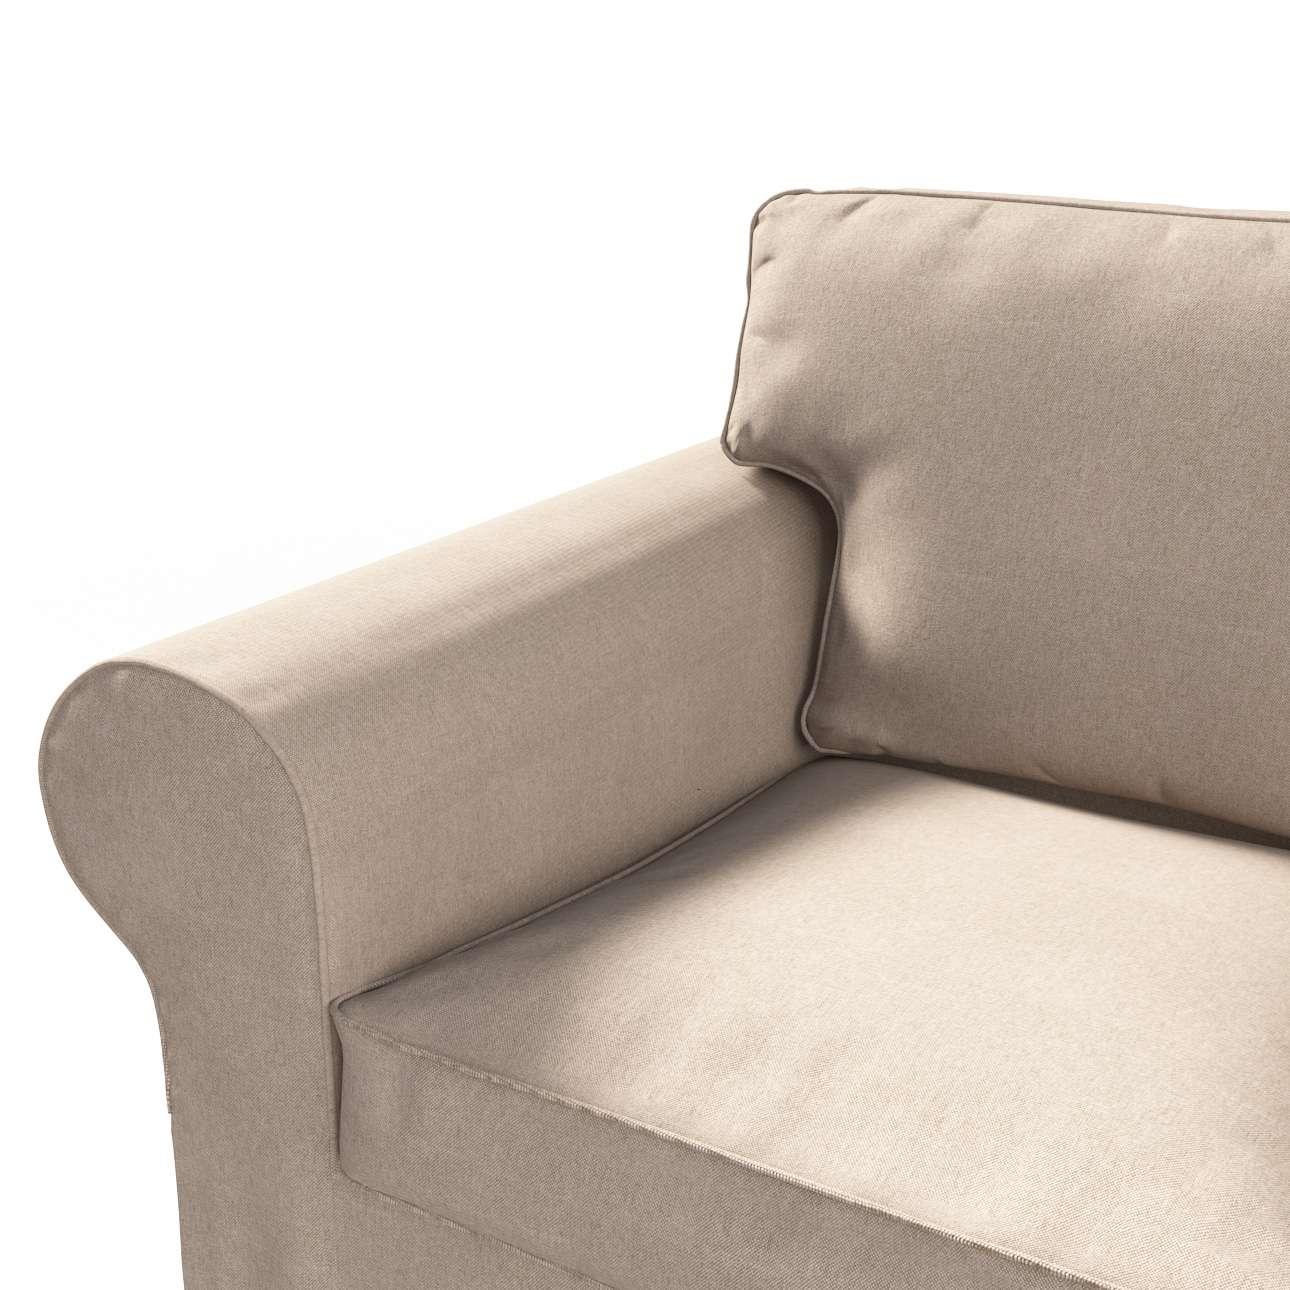 Potah na pohovku IKEA Ektorp 2-místná rozkládací  NOVÝ MODEL 2012 Ektorp 2012 v kolekci Etna, látka: 705-09